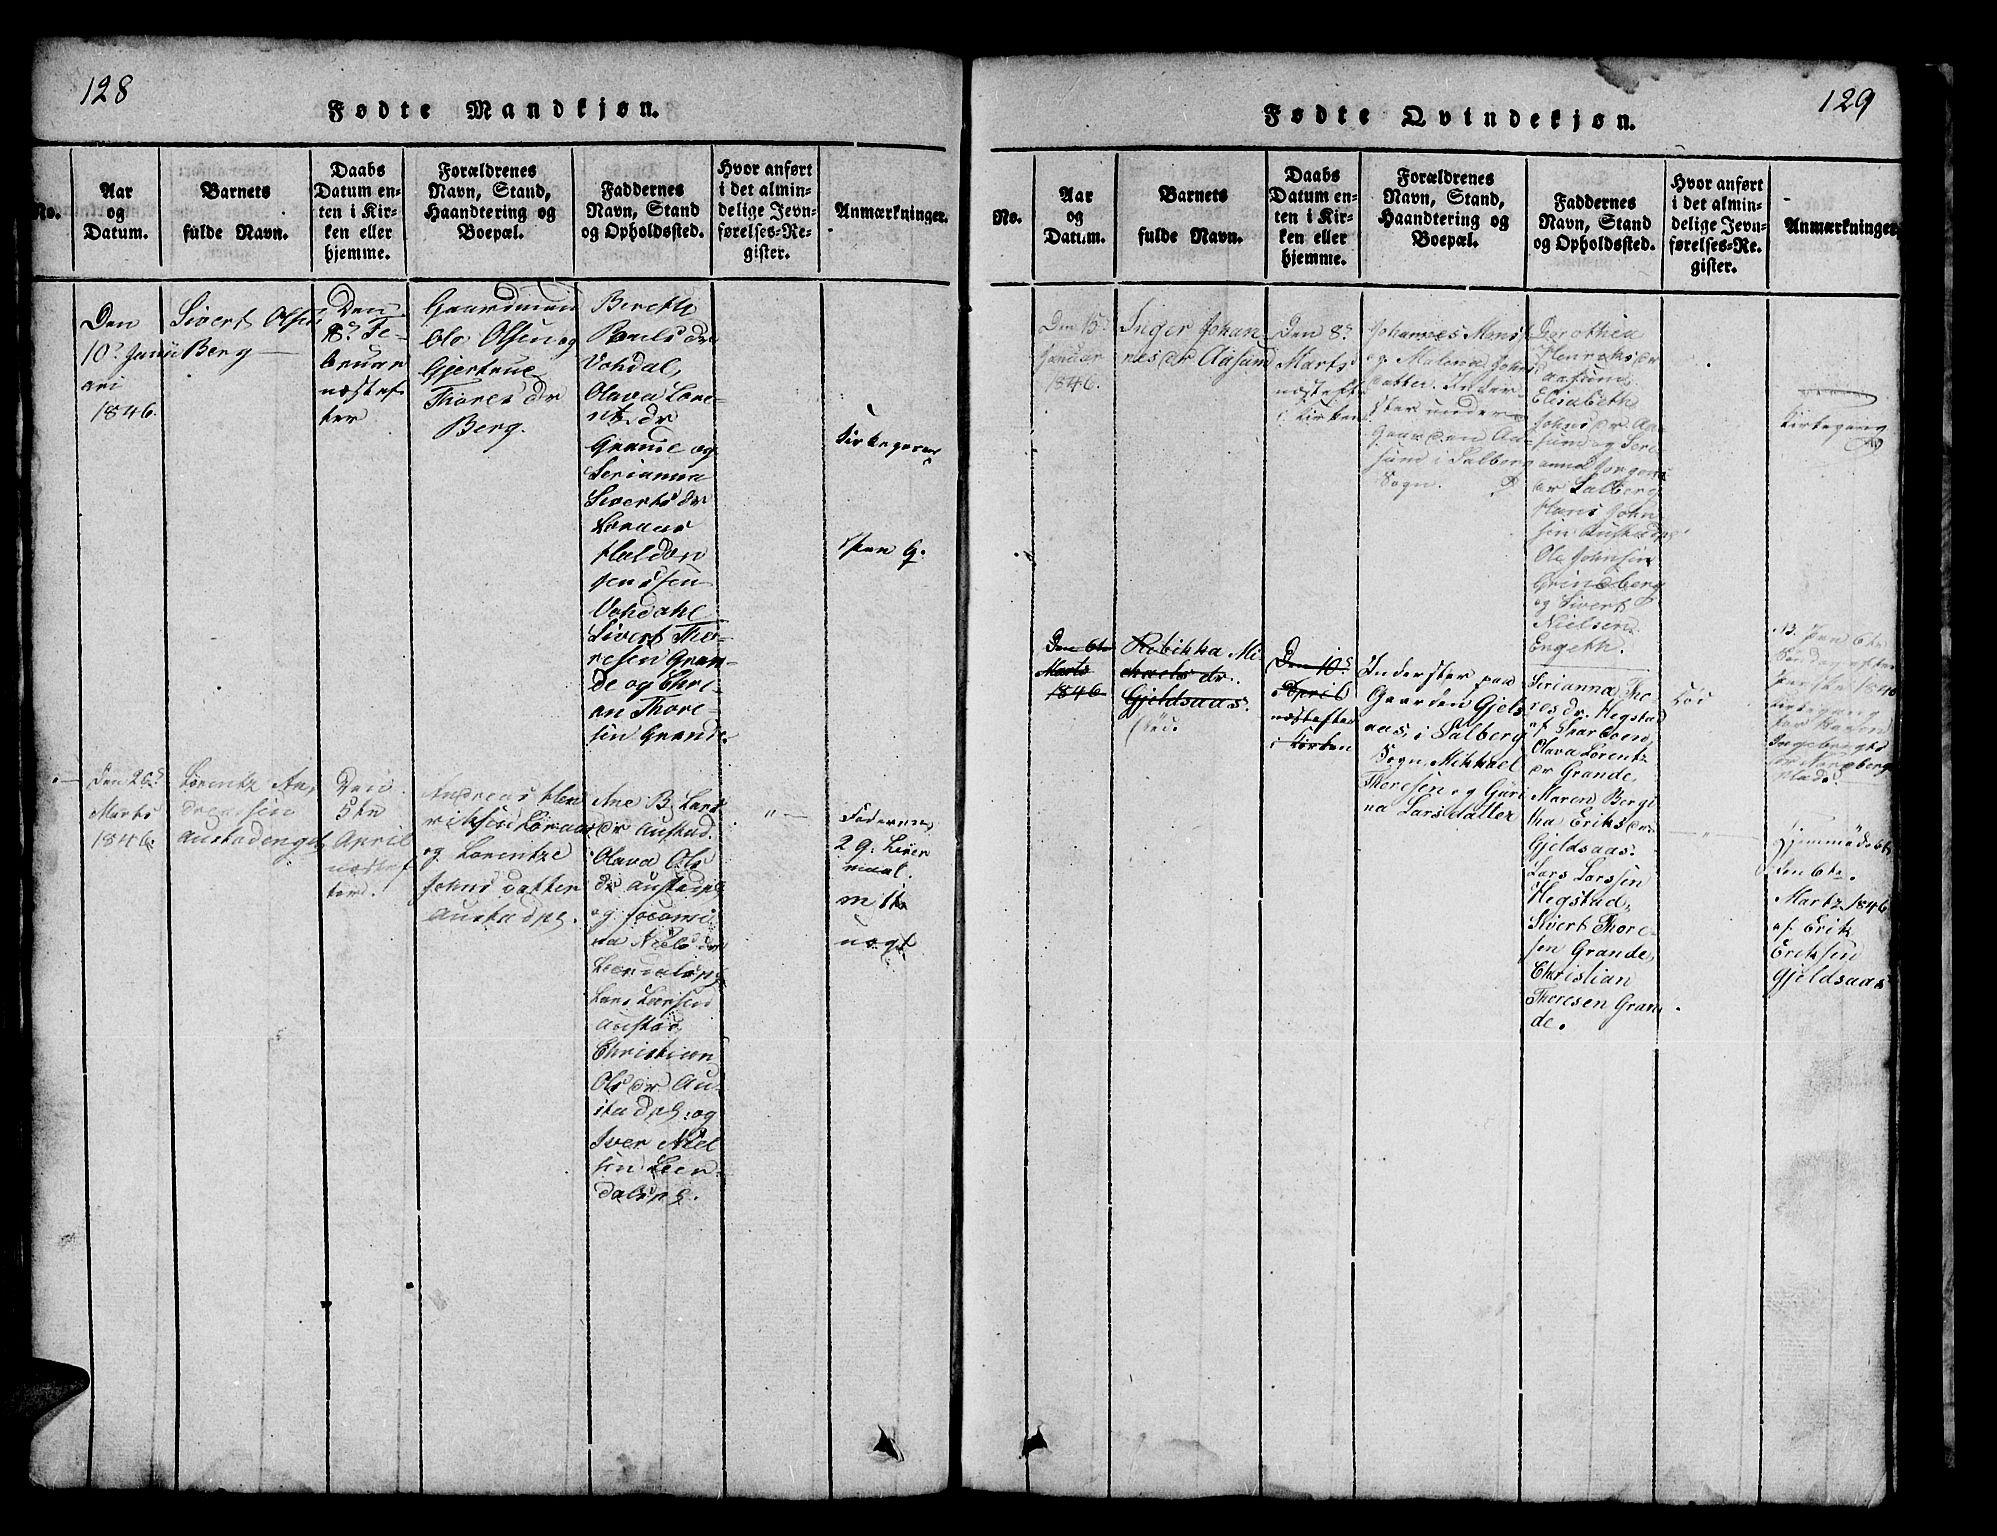 SAT, Ministerialprotokoller, klokkerbøker og fødselsregistre - Nord-Trøndelag, 731/L0310: Klokkerbok nr. 731C01, 1816-1874, s. 128-129